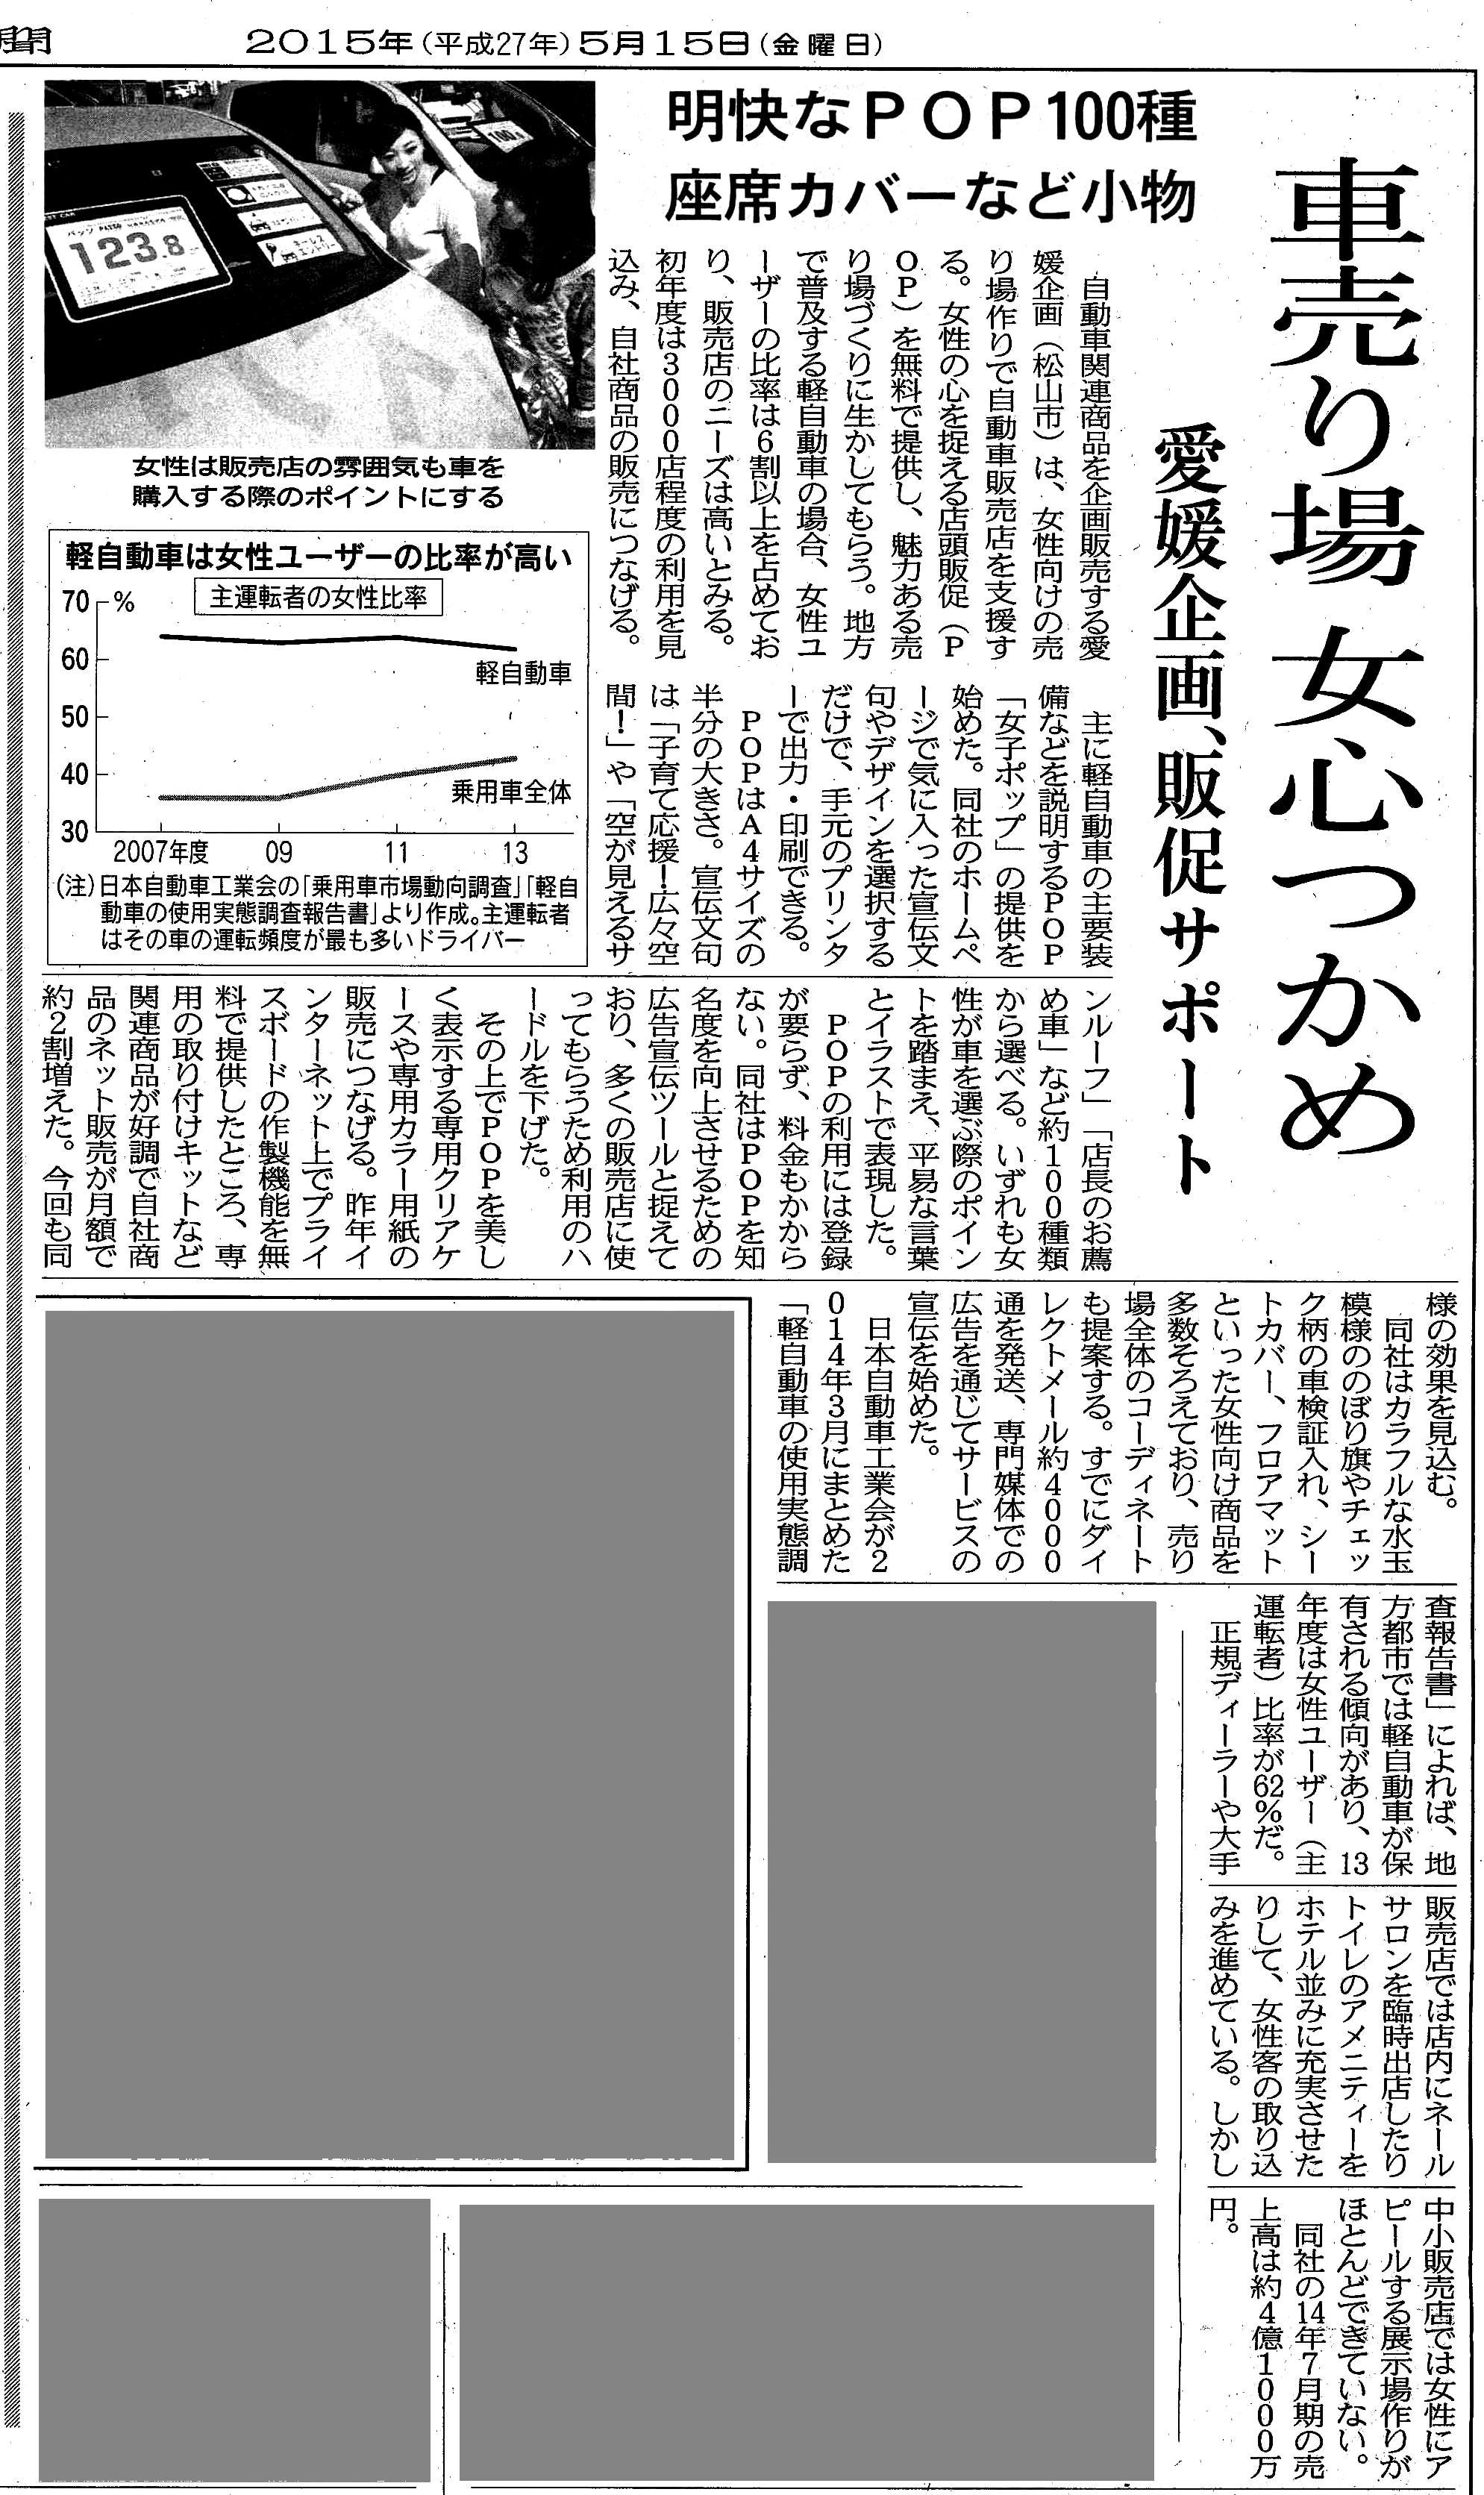 女子ポップ日経記事